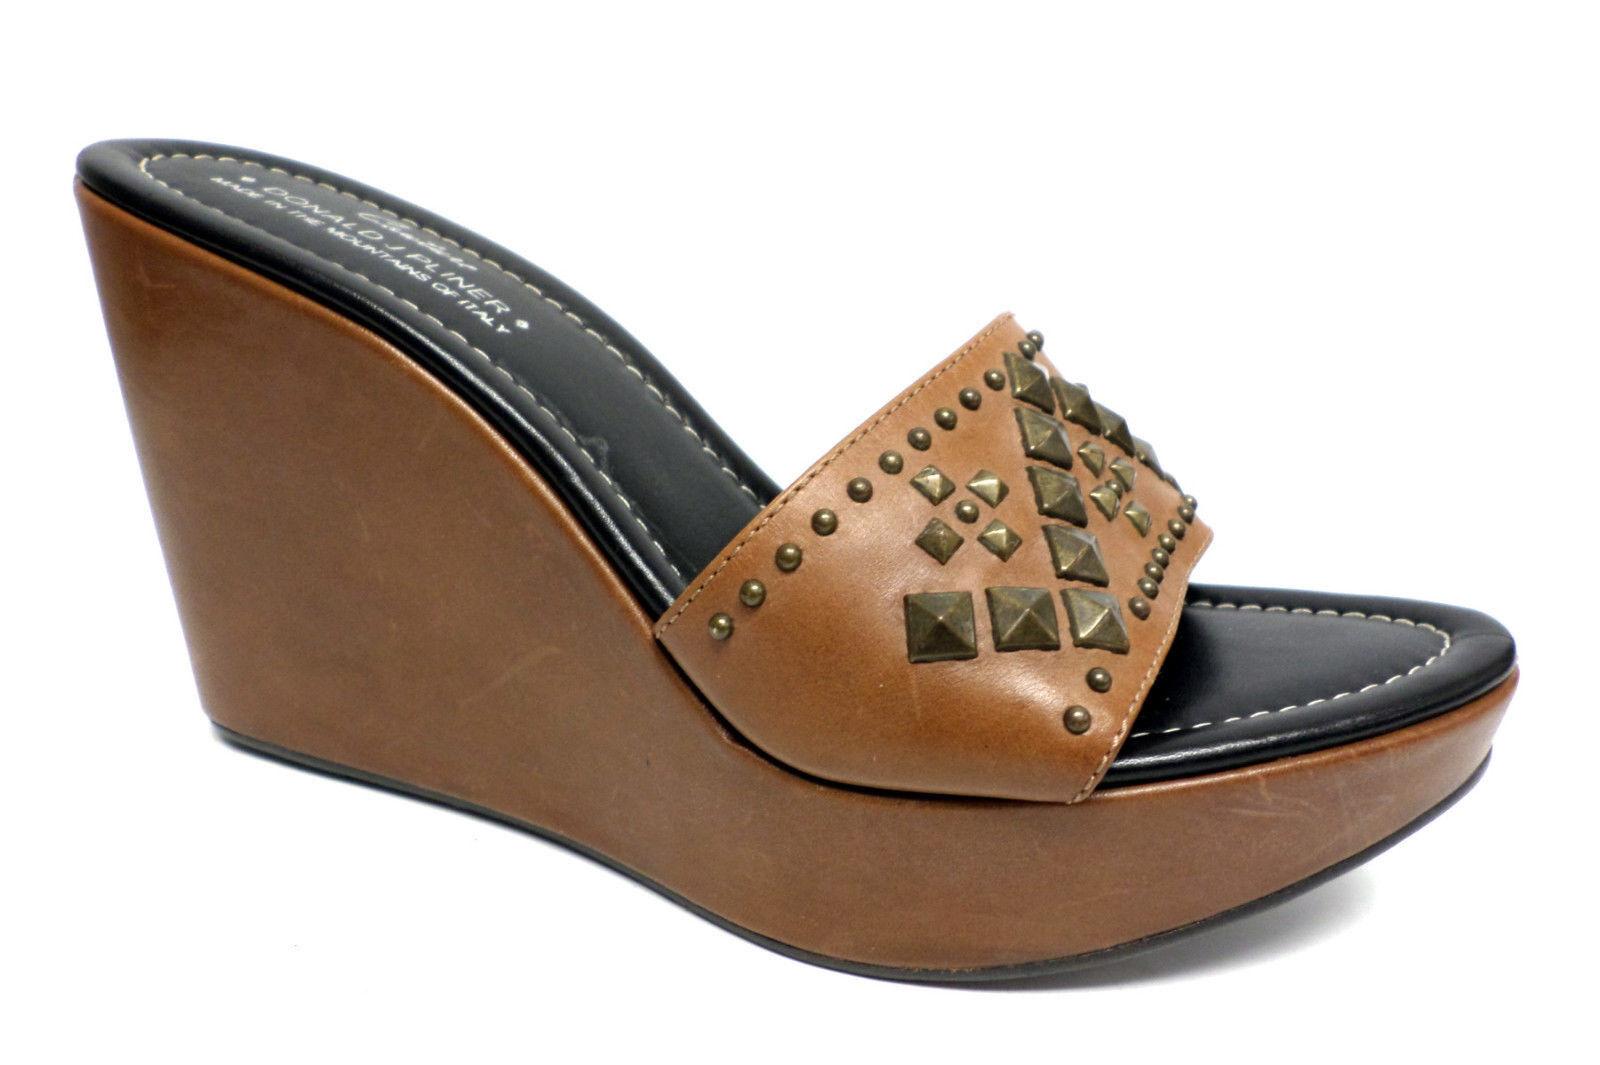 New DONALD PLINER Size 8 Brown STIMA Wedges Sandals Slide shoes